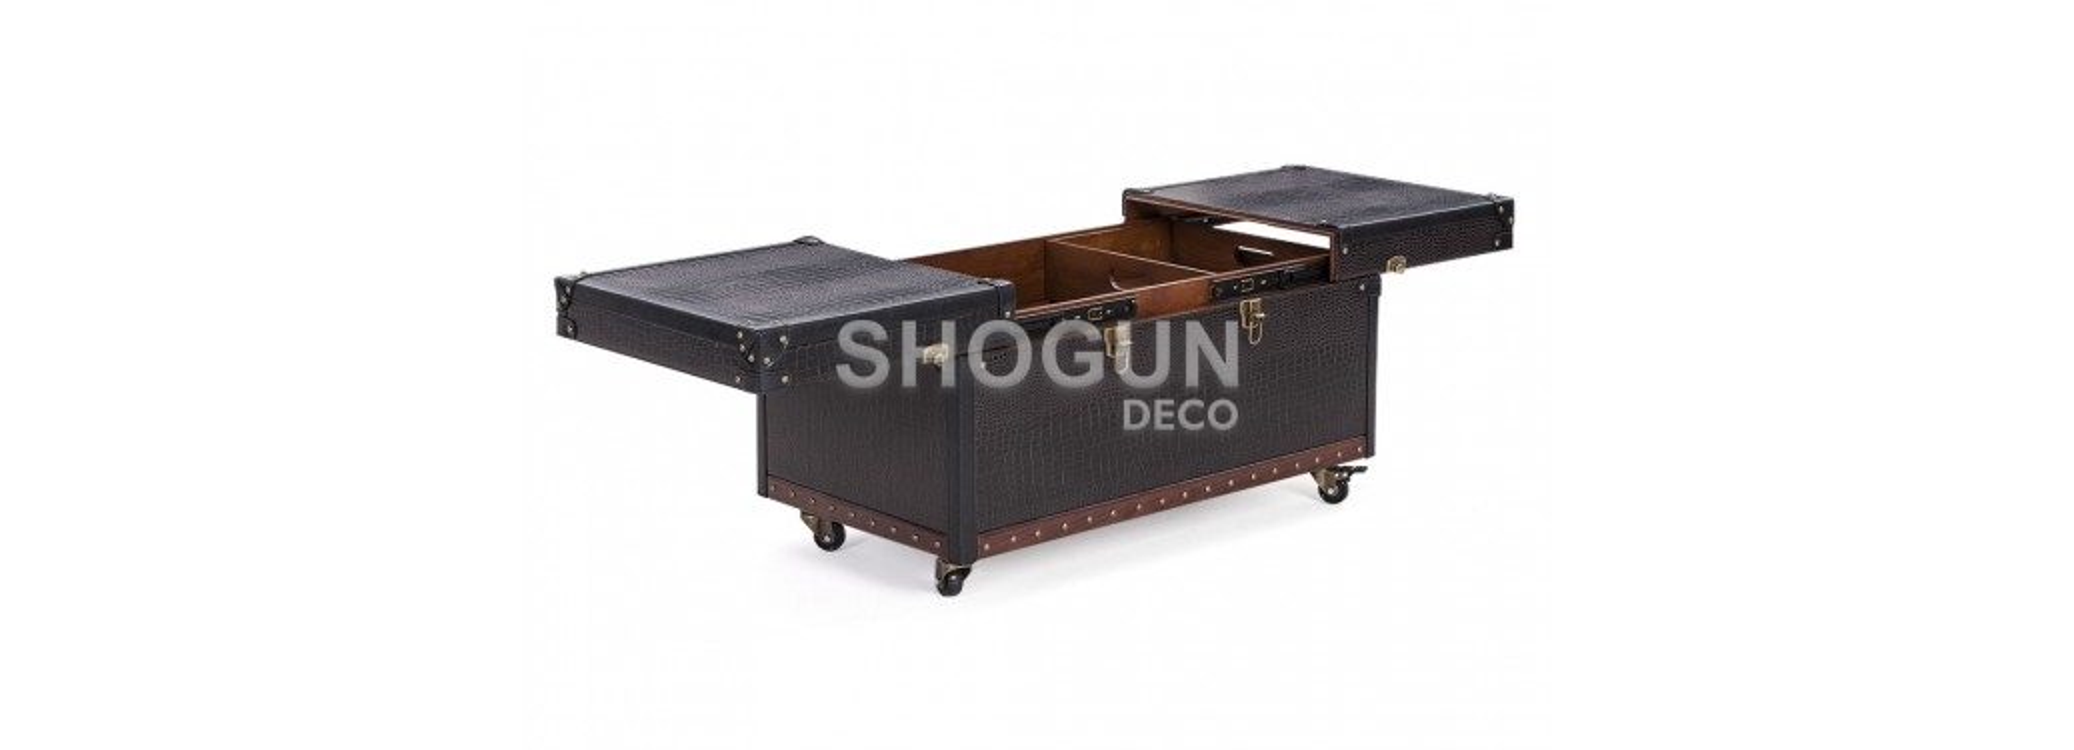 Table basse Cap Horn petit modèle - Marron foncé façon croco